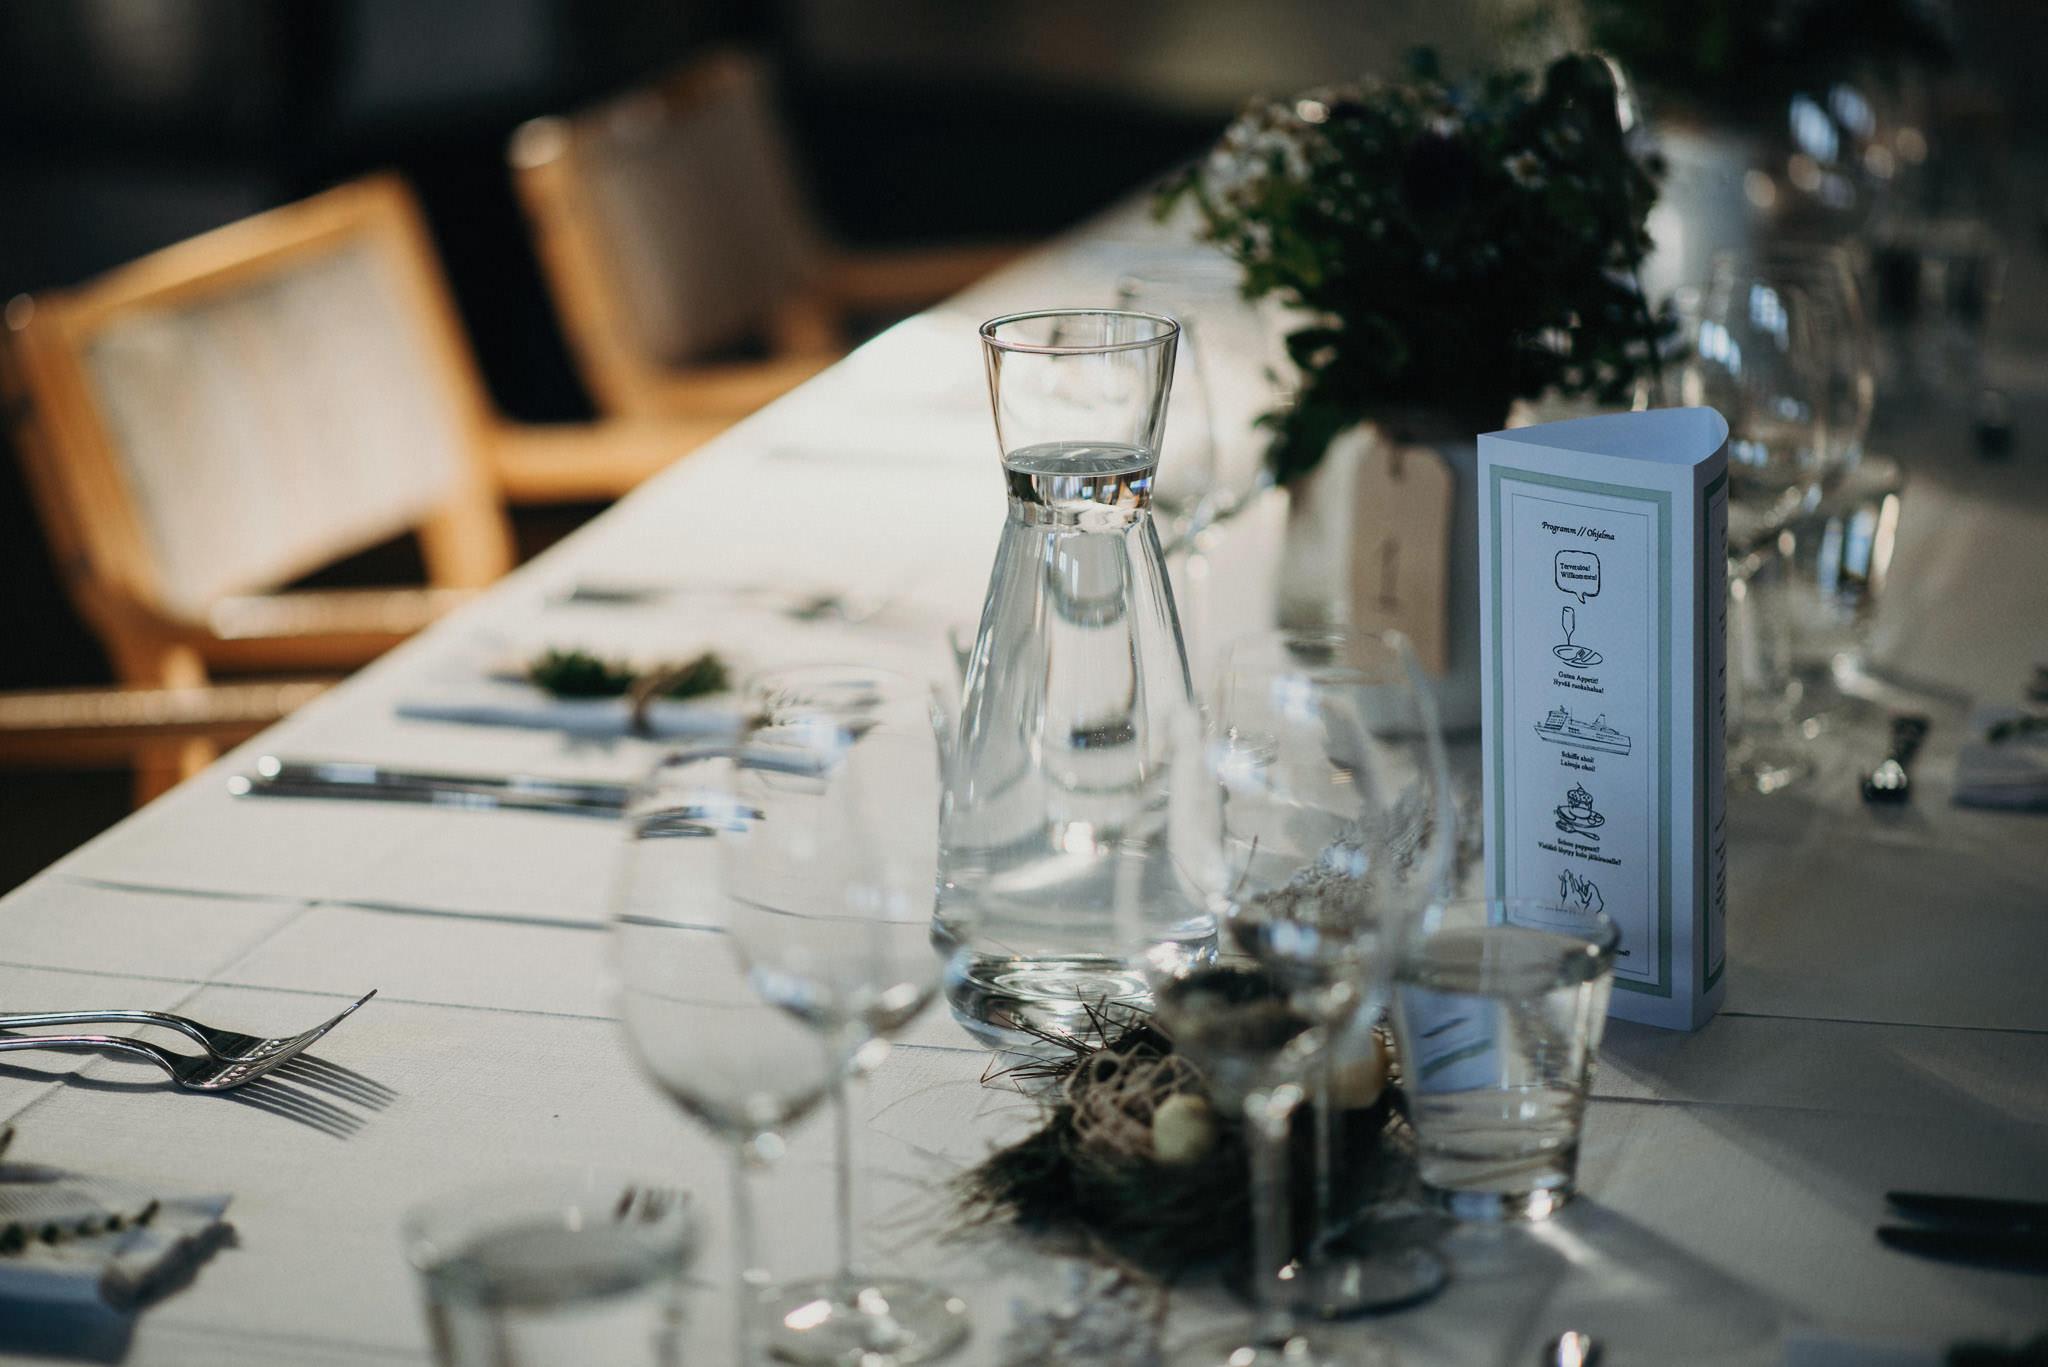 jere-satamo-ruissalo-haat-samesex-wedding-valokuvaaja-turku-063web.jpg